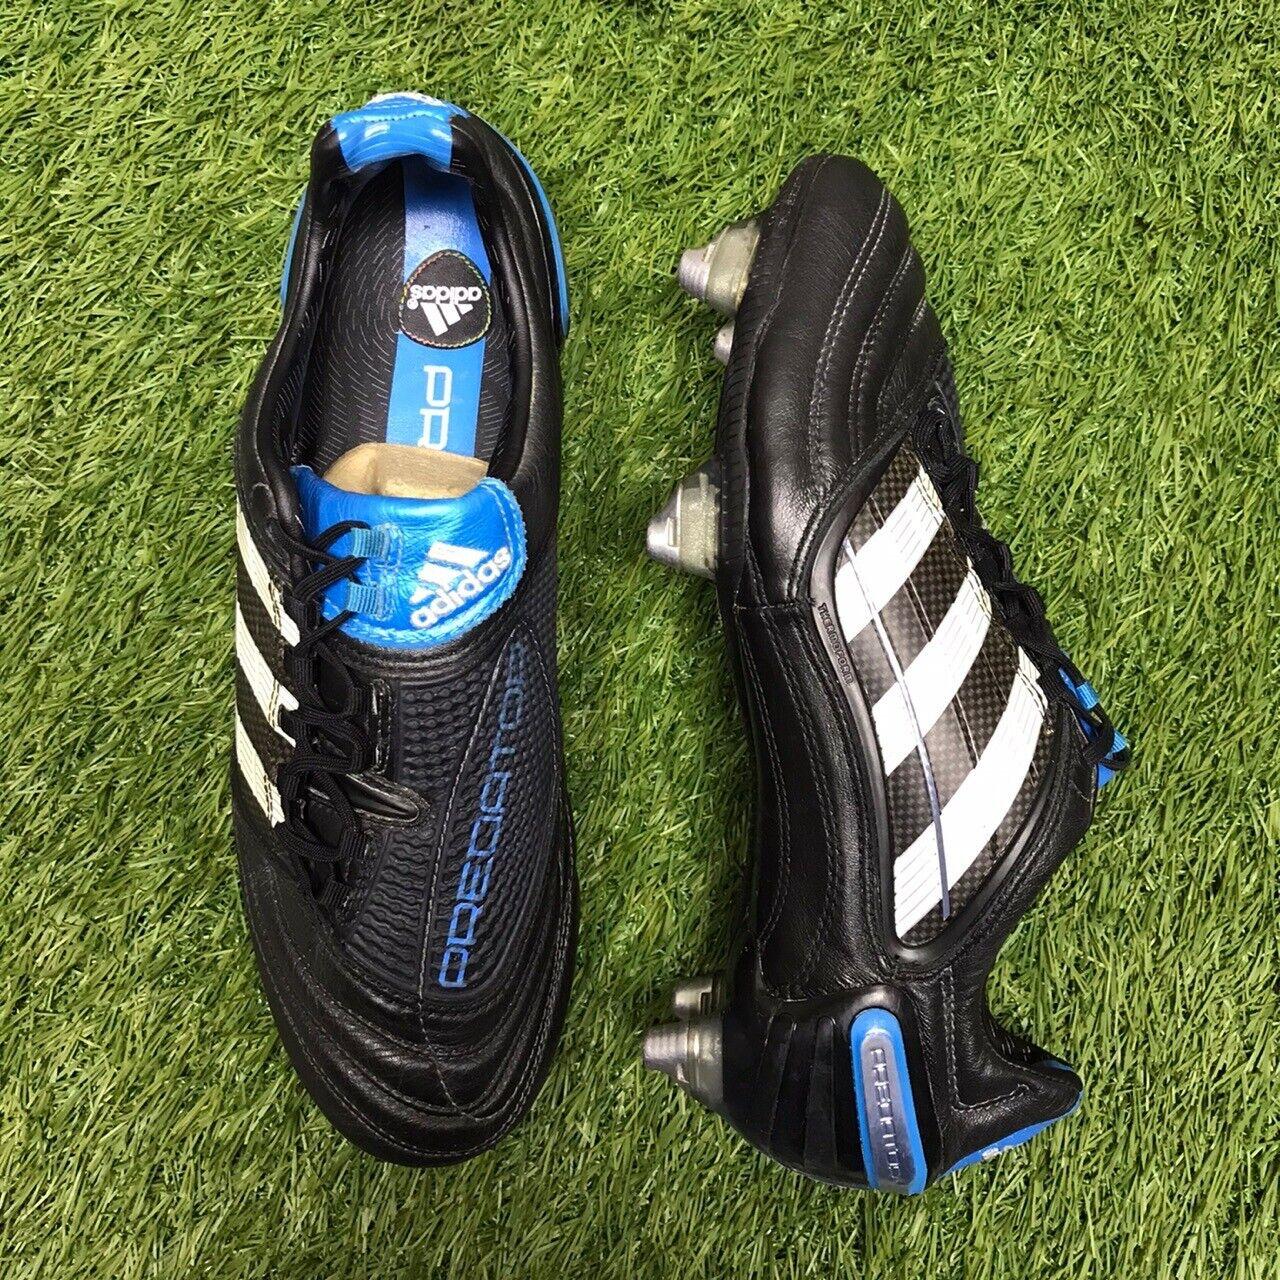 Adidas Protator X XTRX SG G12903 7.5 US RARE